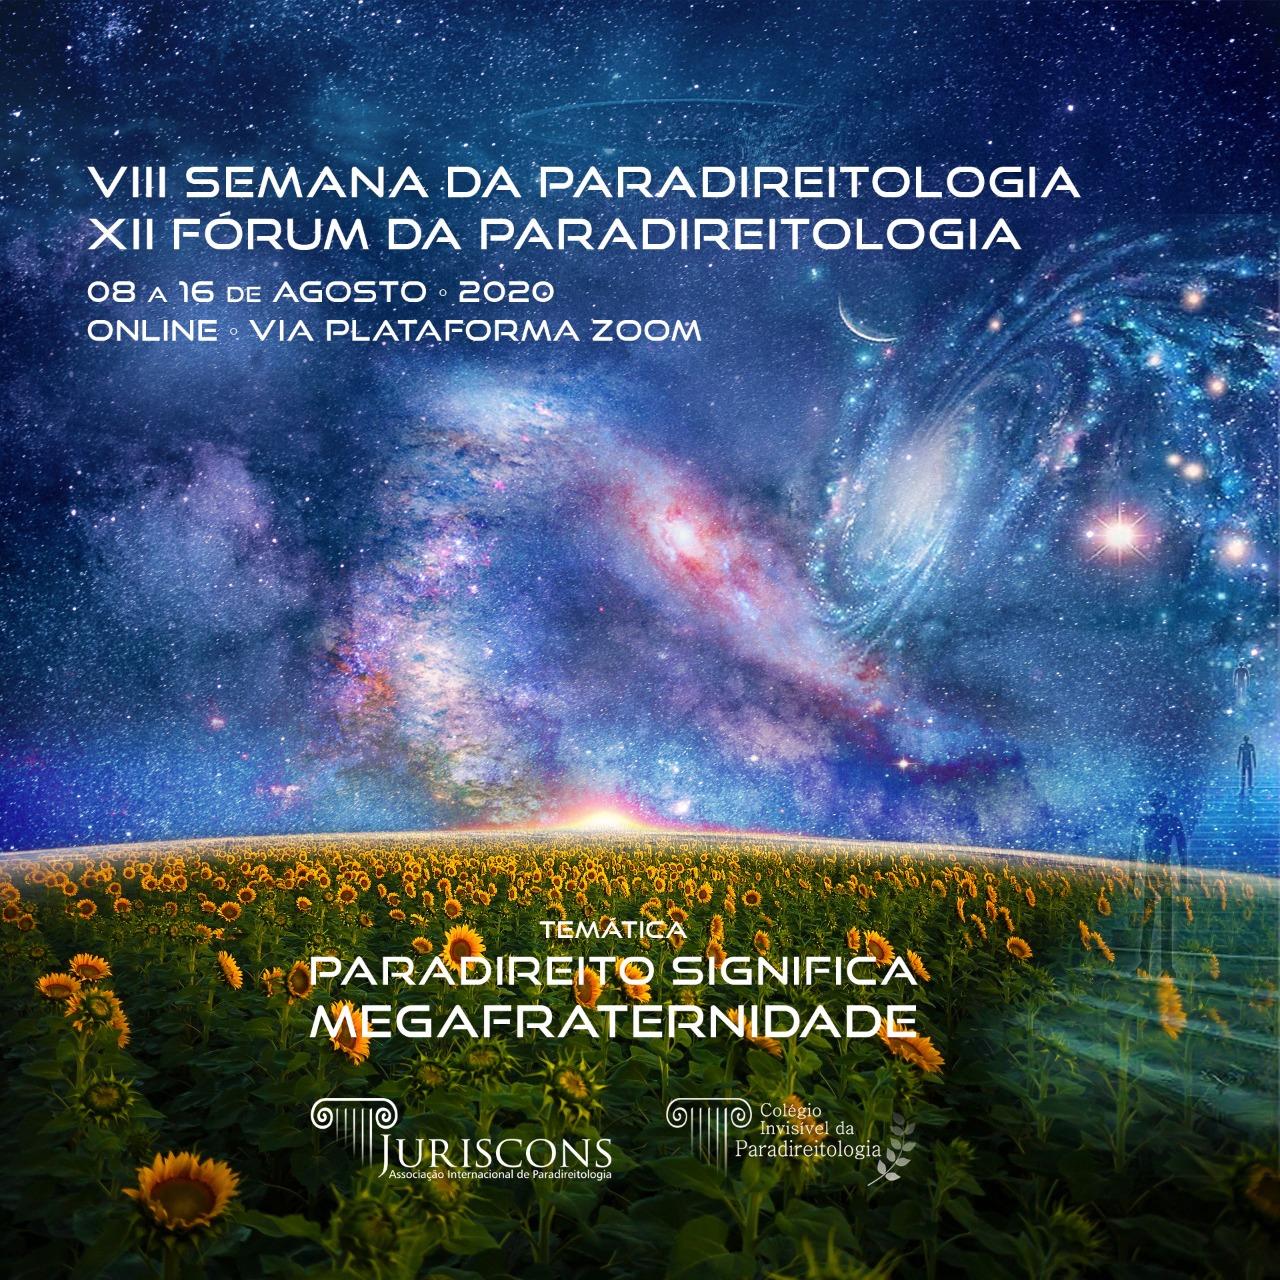 VIII Semana da Paradireitologia